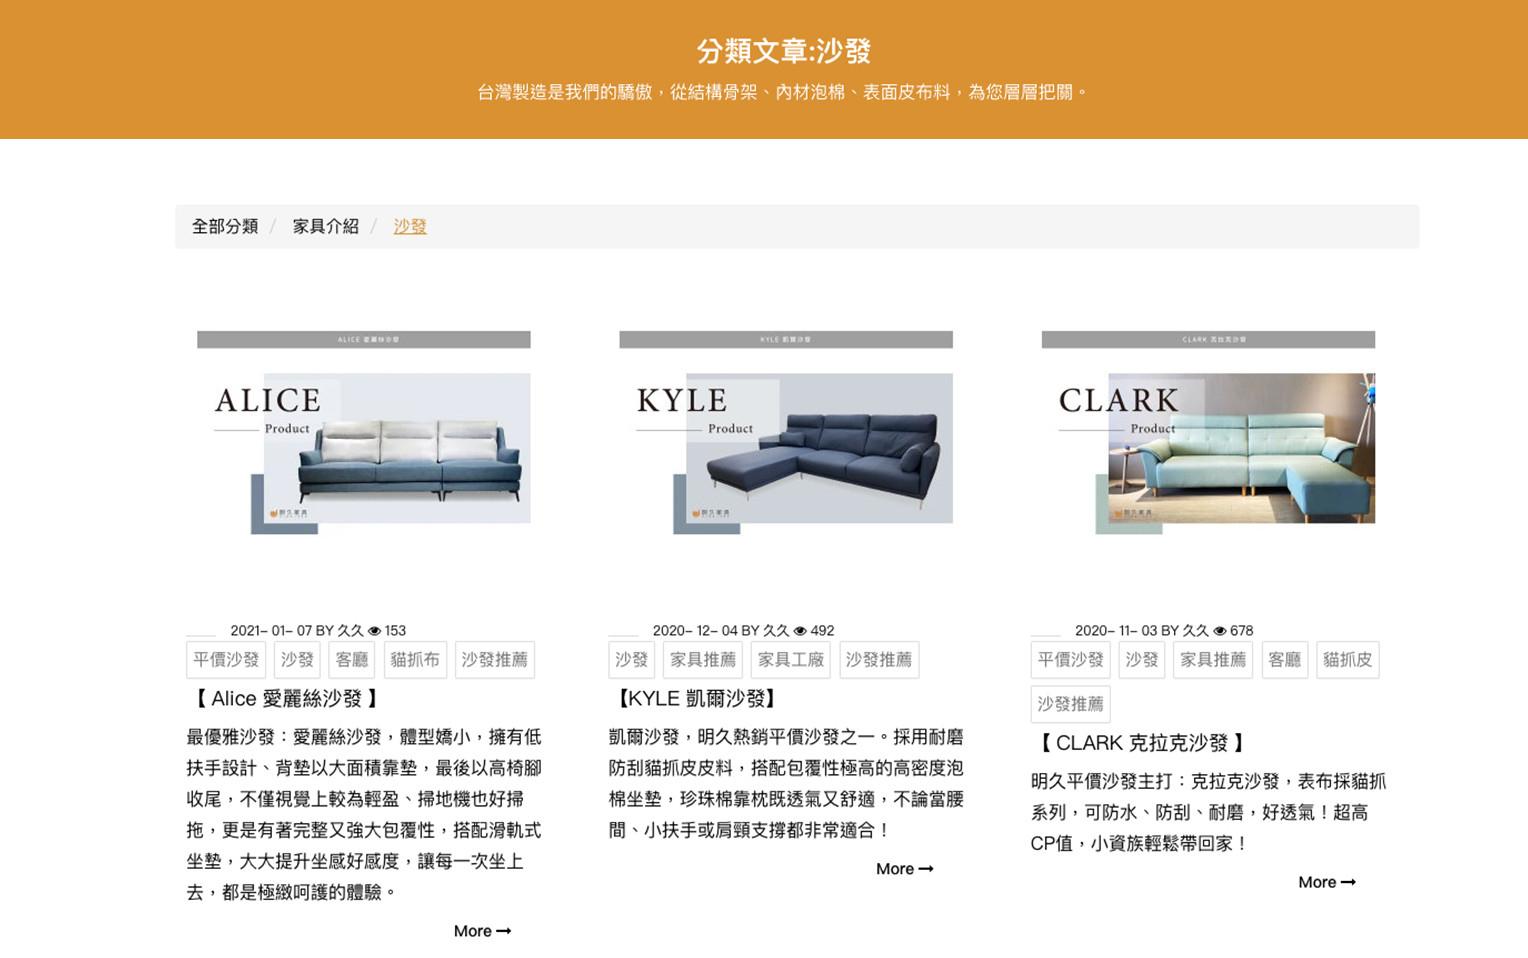 嘉義SEO網頁設計成功案例-沙發品牌|明久家具-嘉義沙發、床墊工廠推薦品牌